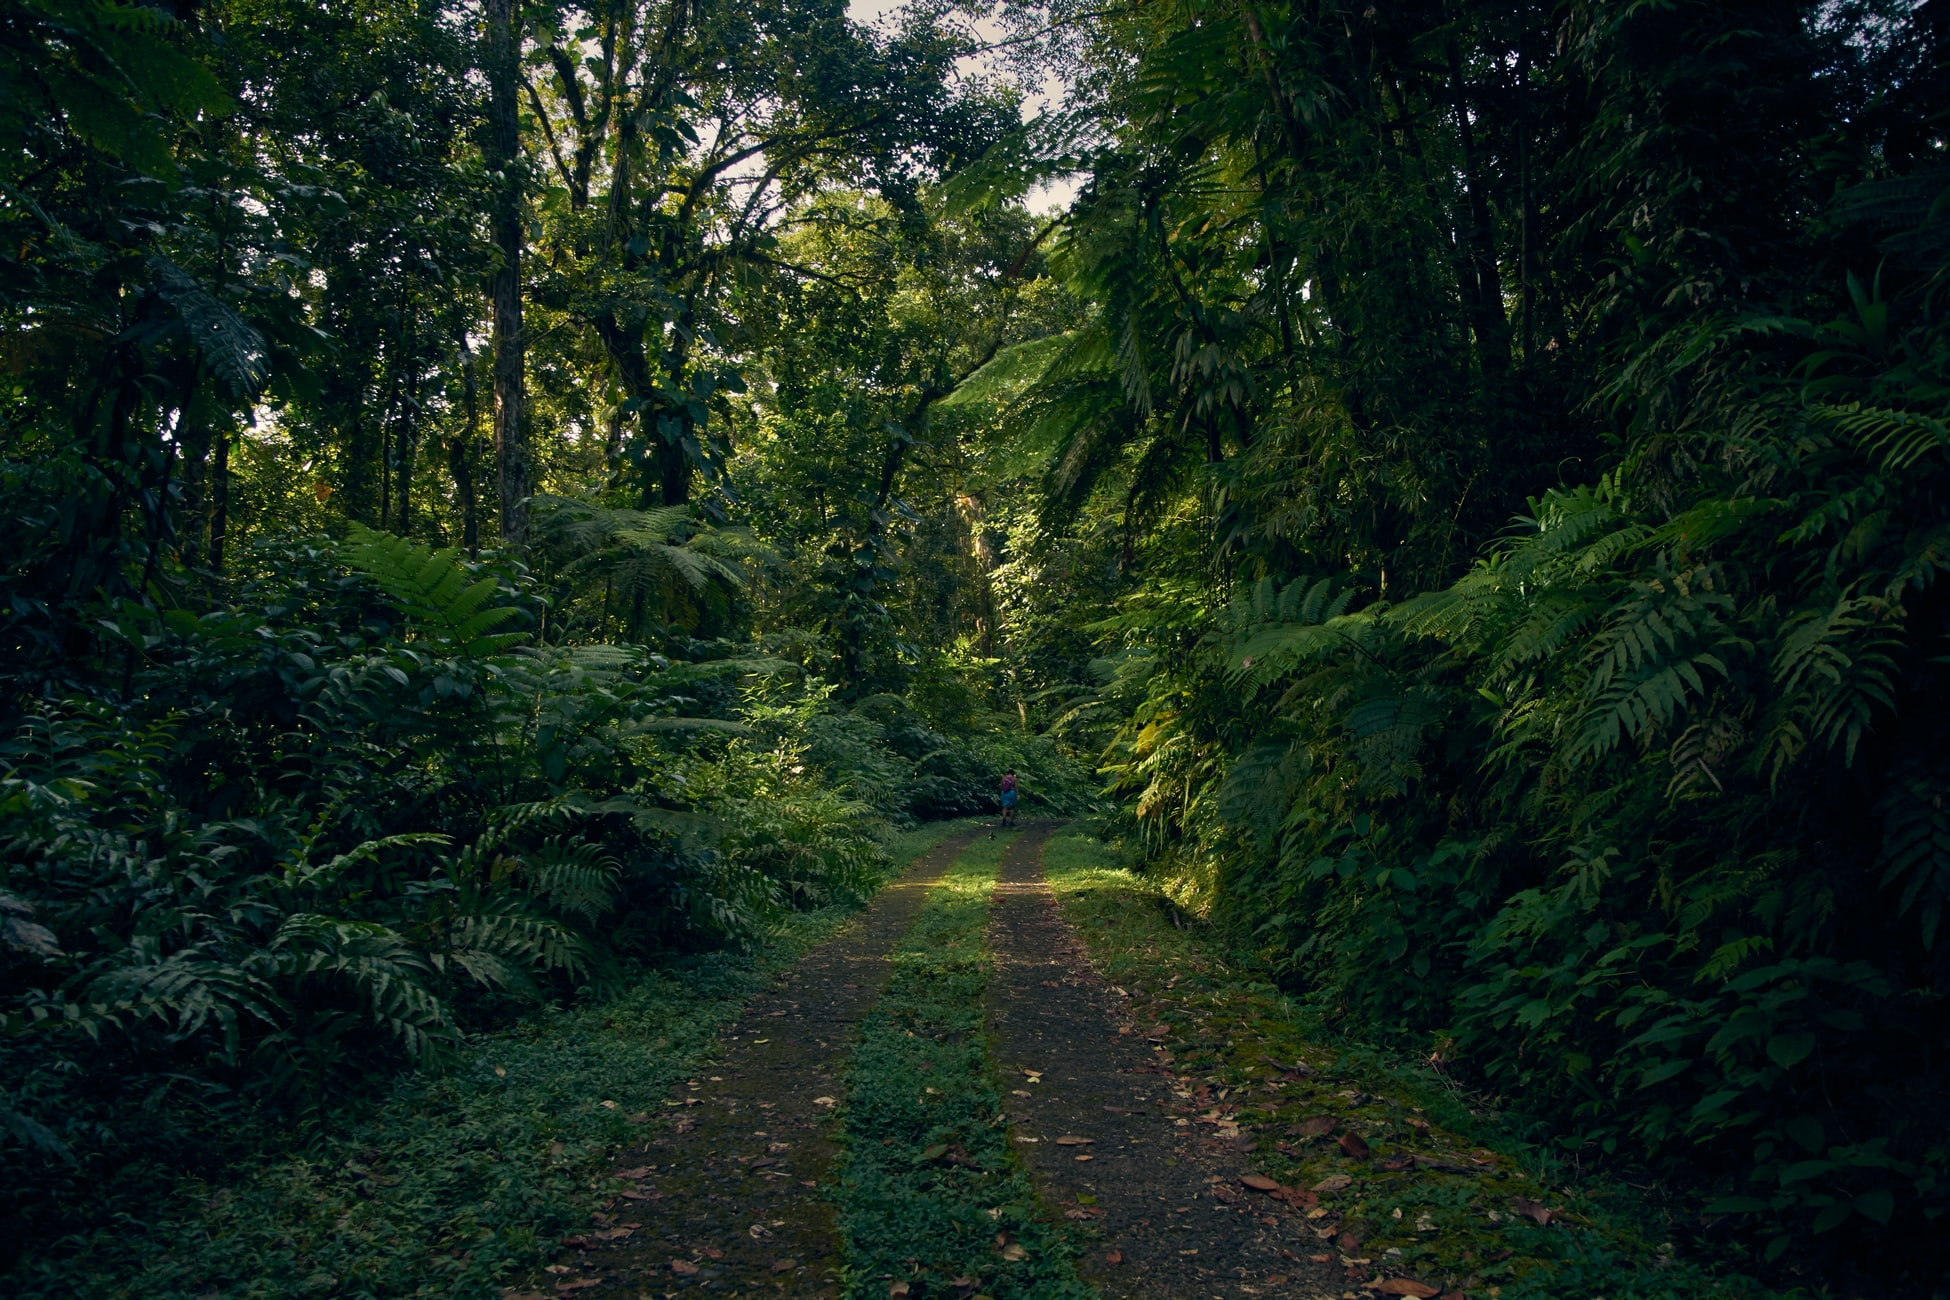 trace de route pour quad dans la forêt en guadeloupe